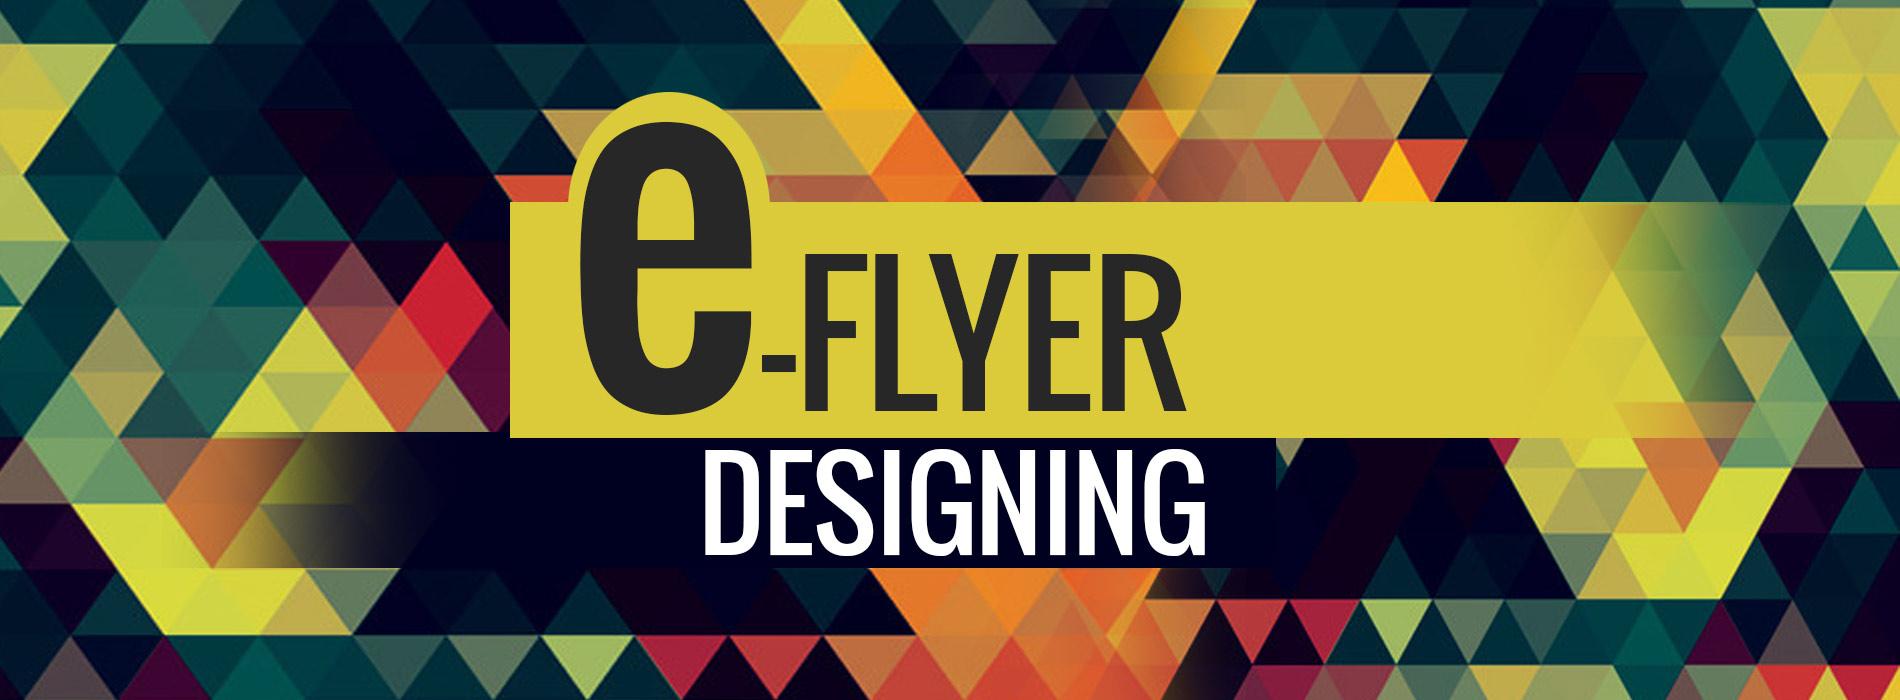 e flyer designing e flyer email marketing brochure design